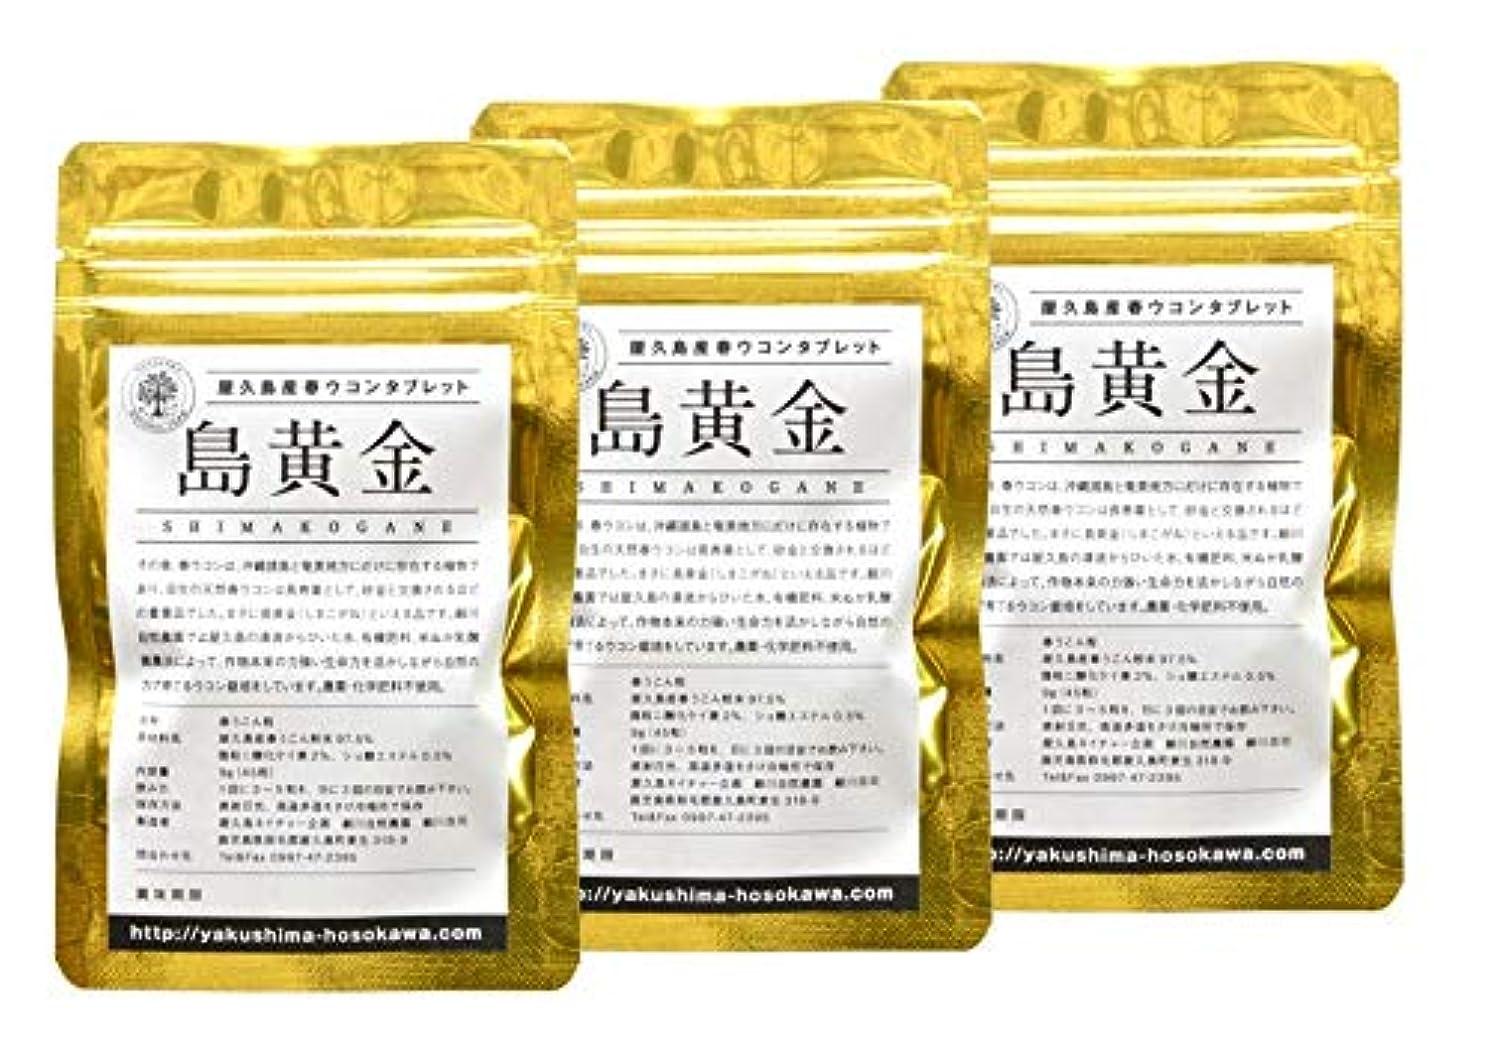 矩形筋雇用島黄金 小袋タイプセット (屋久島産 春ウコン45粒×3袋)